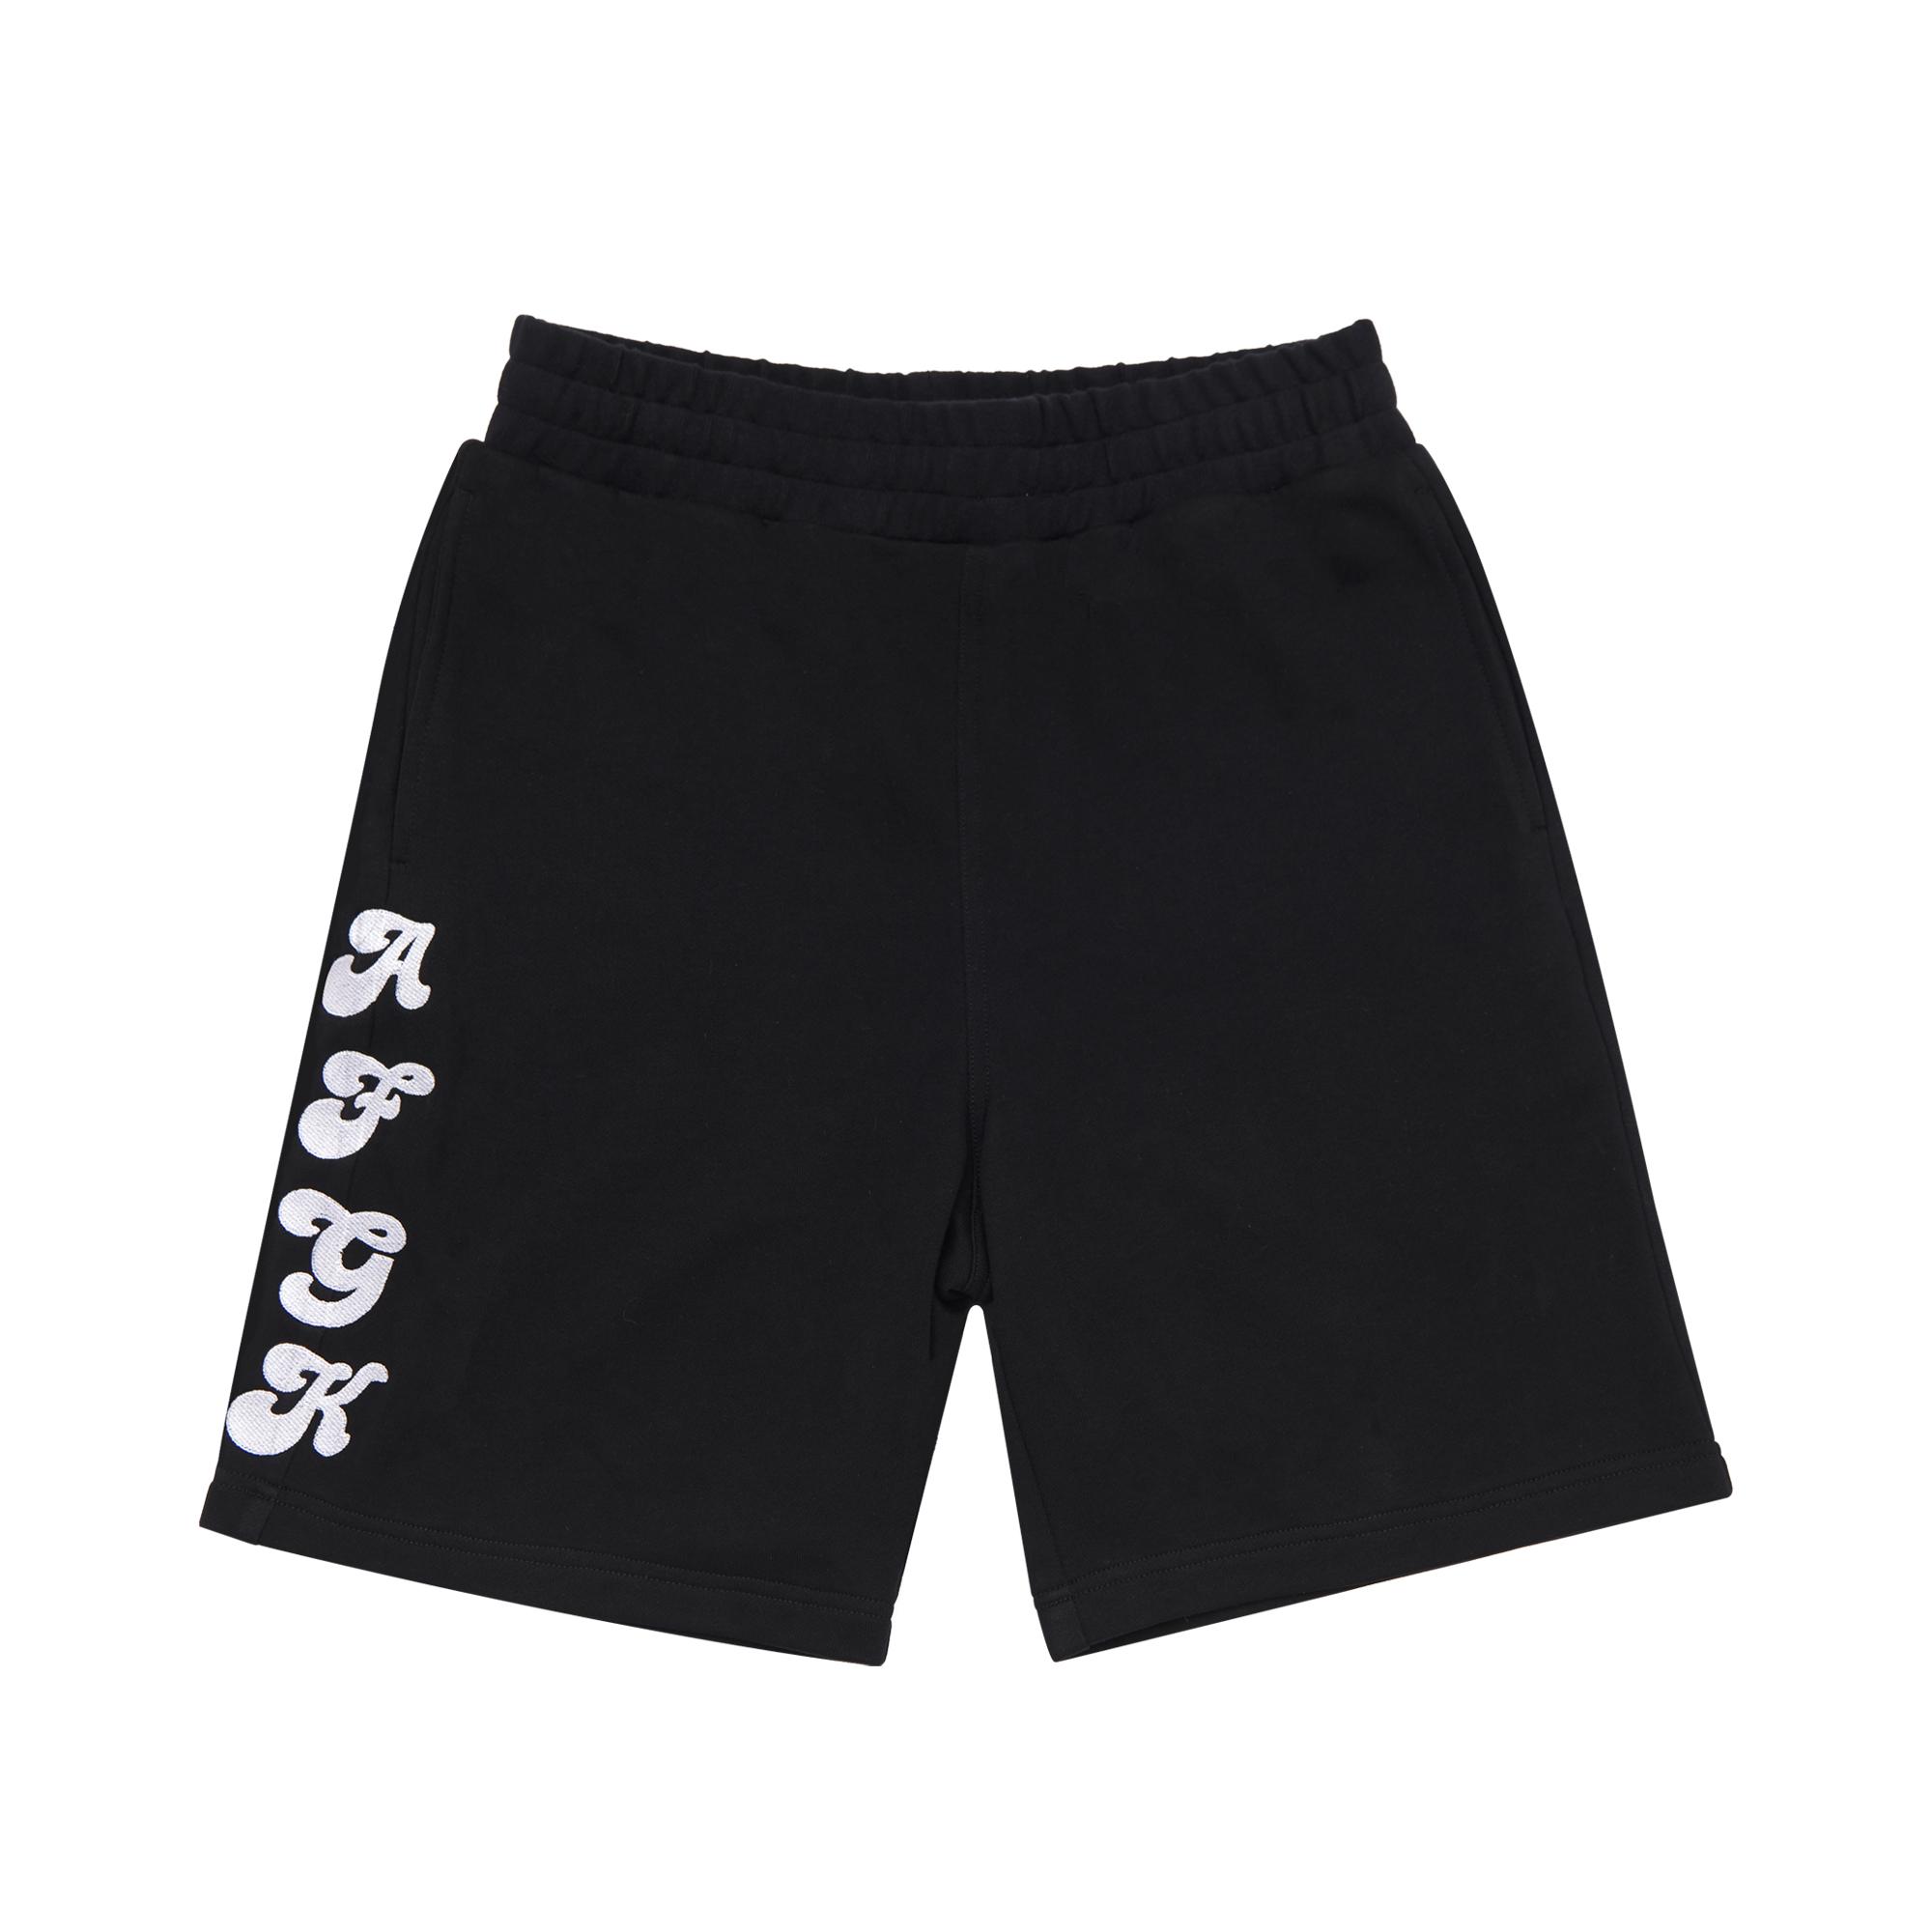 AFGK A Few Good Kids Jersey Sweat Shorts in Black, Hip Hop, Streetwear, Rap Clothing